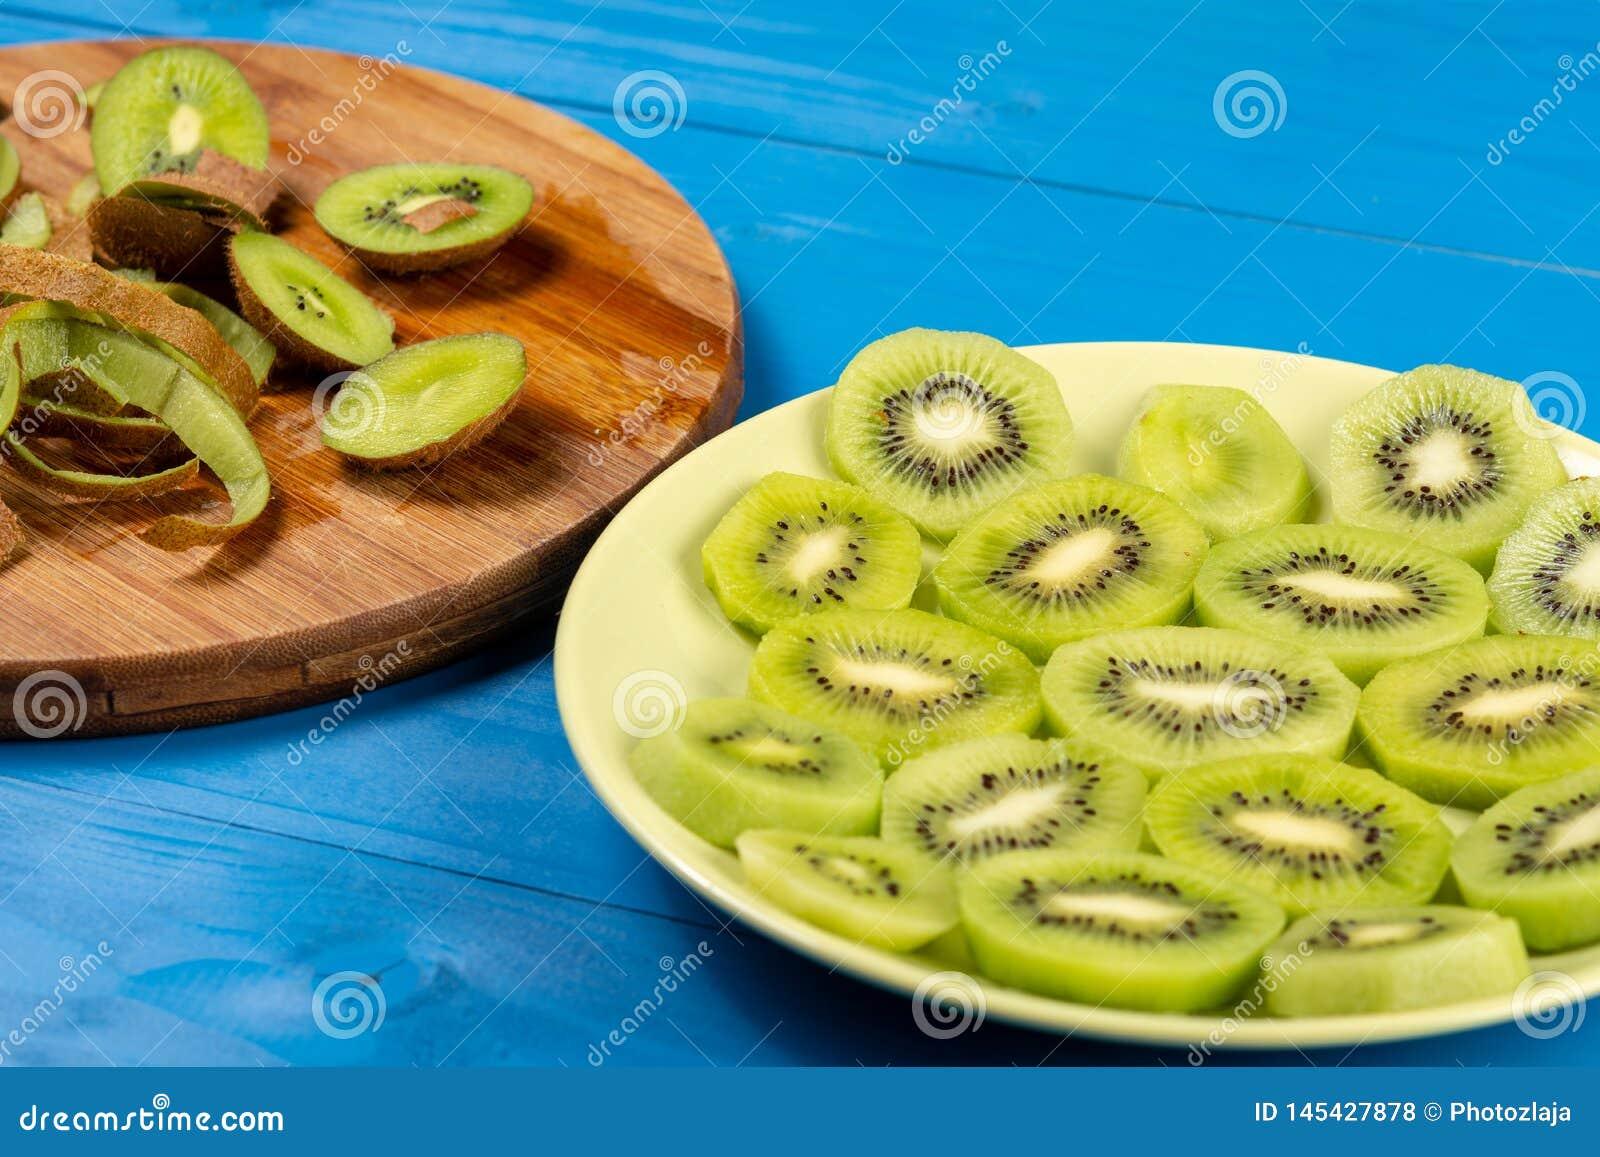 Skivade Kiwi Fruit On The Plate och träskärbräda